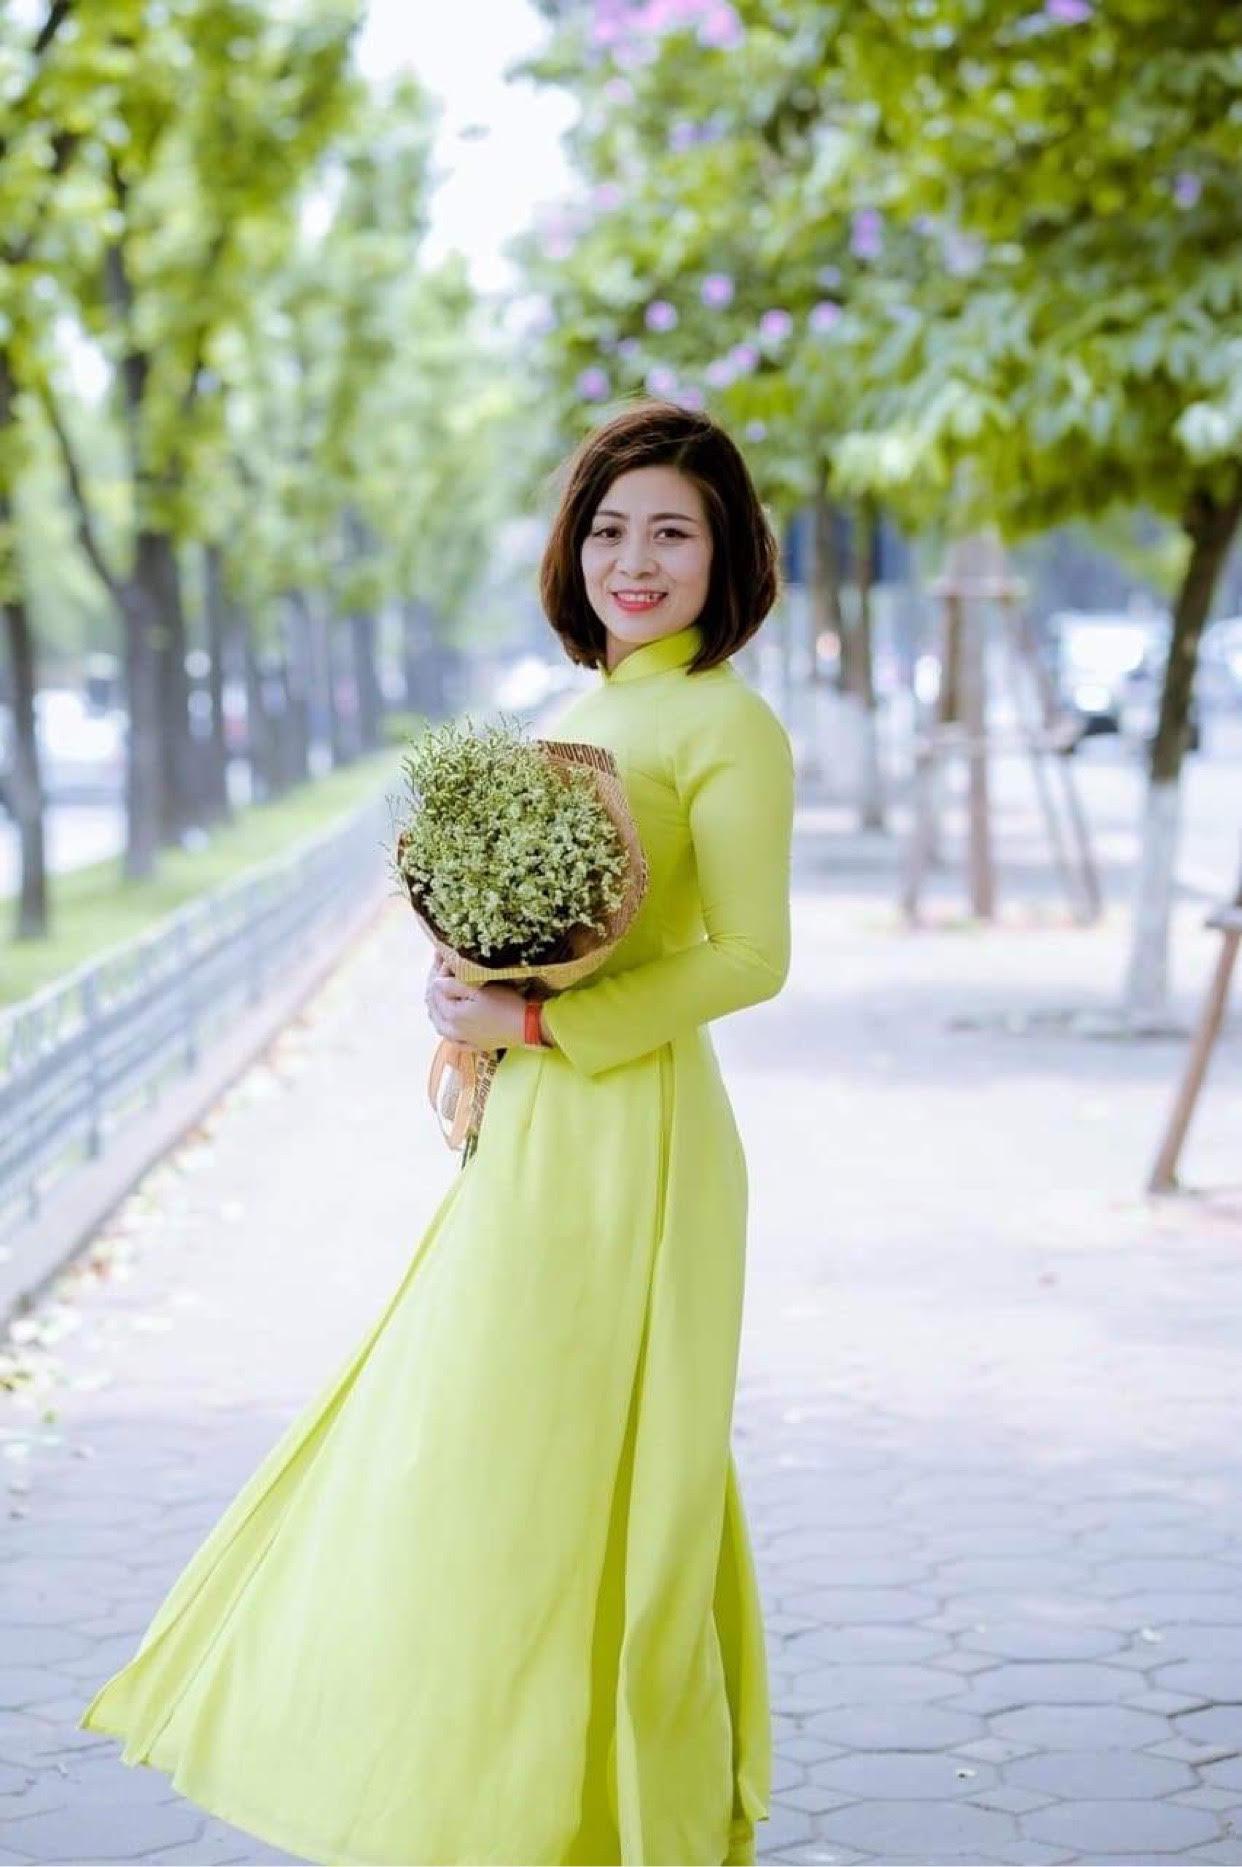 8 bông hoa đẹp dành cả thanh xuân ươm mầm tài năng nhí - Ảnh 4.